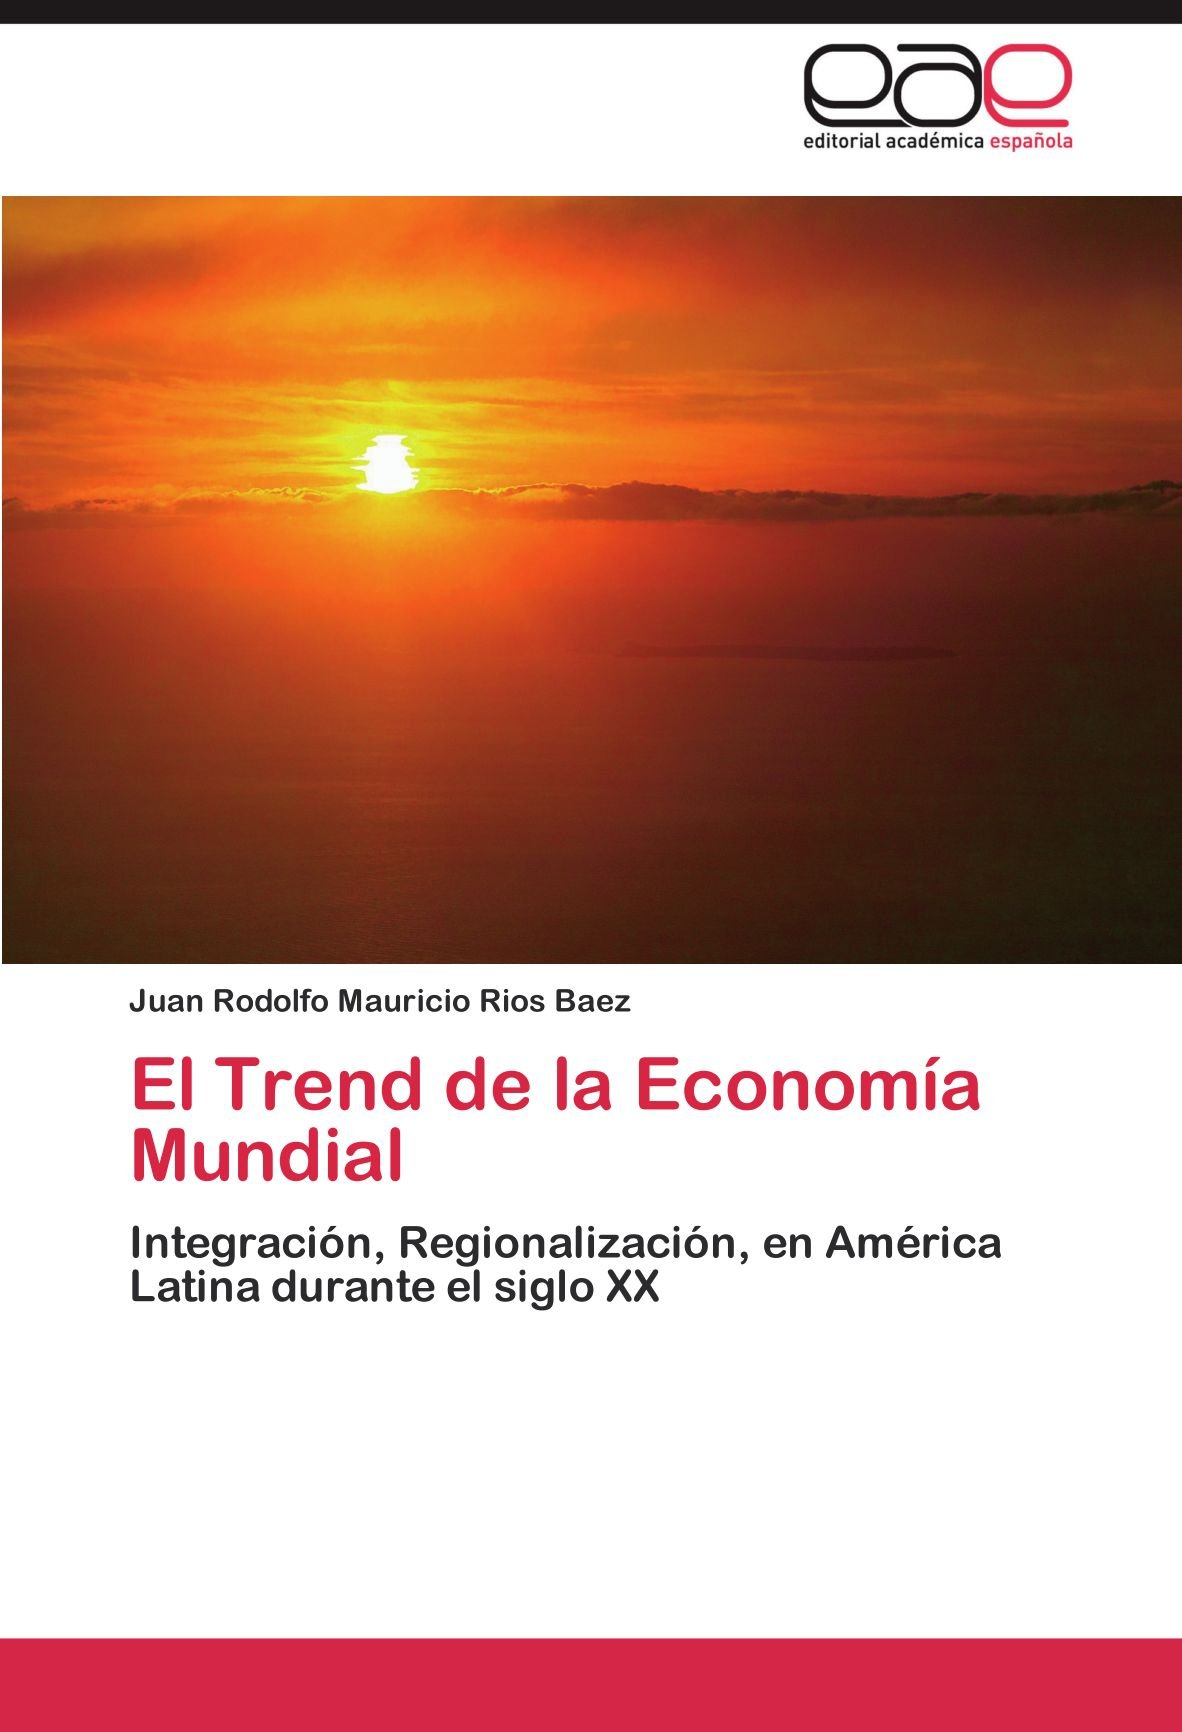 El Trend de la Economía Mundial: Amazon.es: Rios Baez Juan Rodolfo Mauricio: Libros